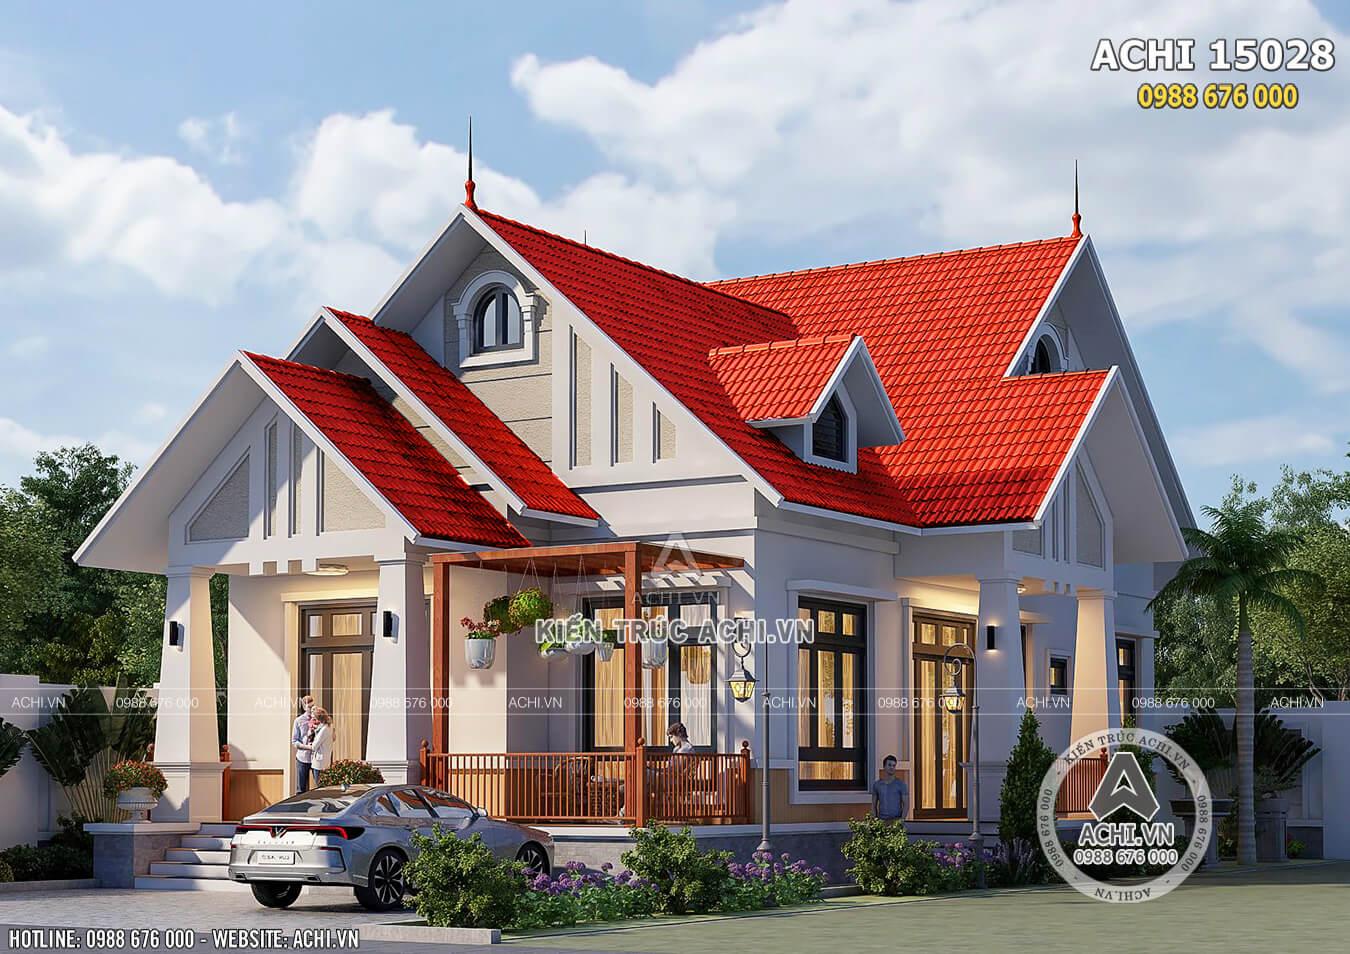 Mẫu thiết kế nhà cấp 4 đẹp nông thôn 3 phòng ngủ 130m2 - ACHI 15028